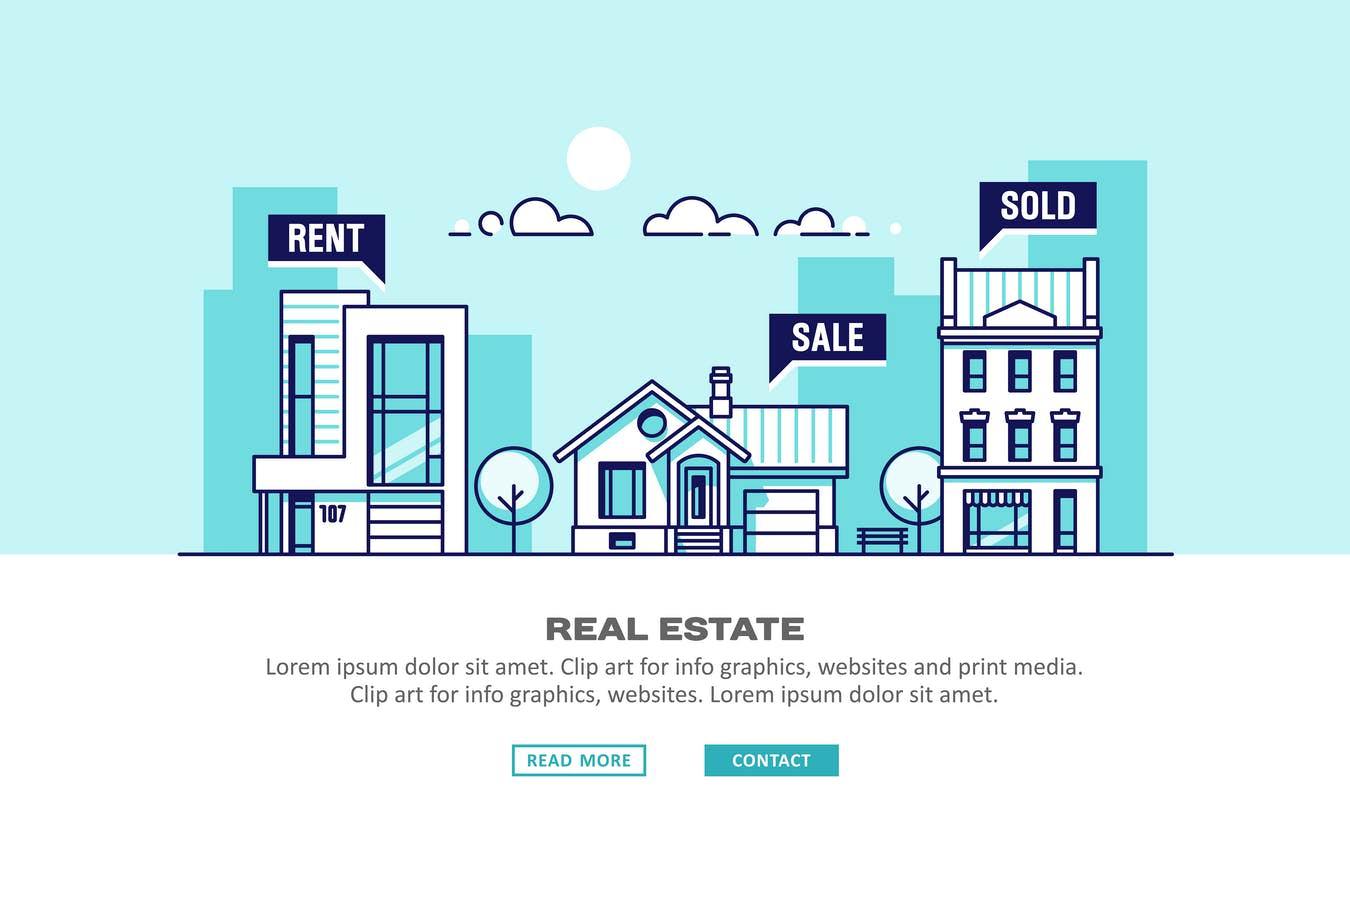 房地产销售